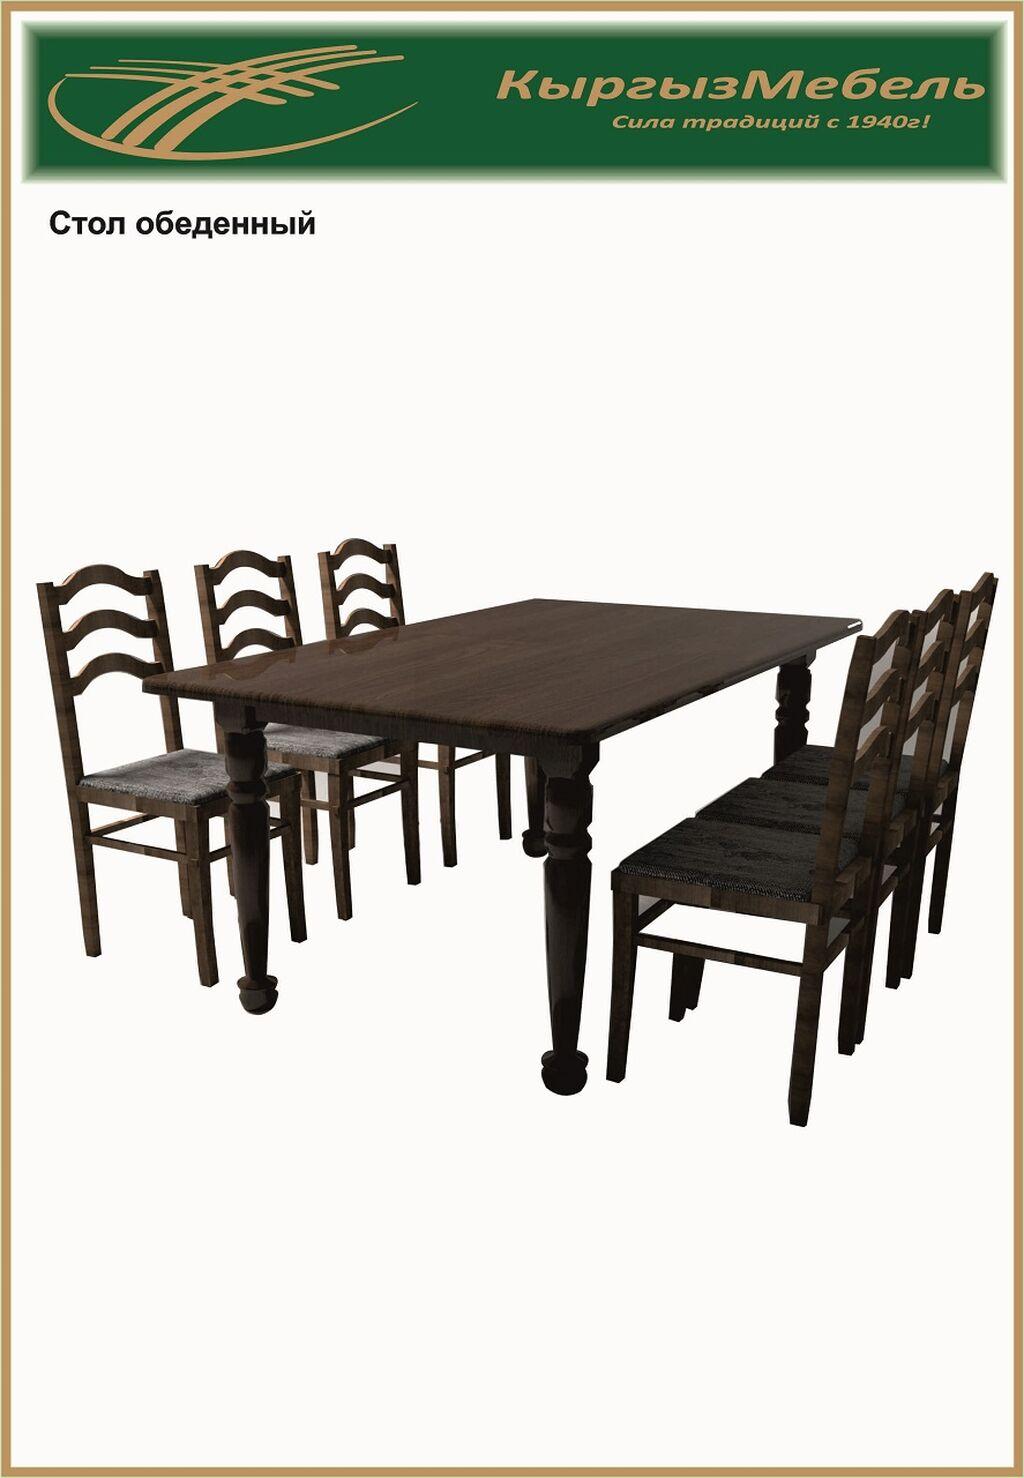 Стол обеденный не раздвижной 2 стола размер 2